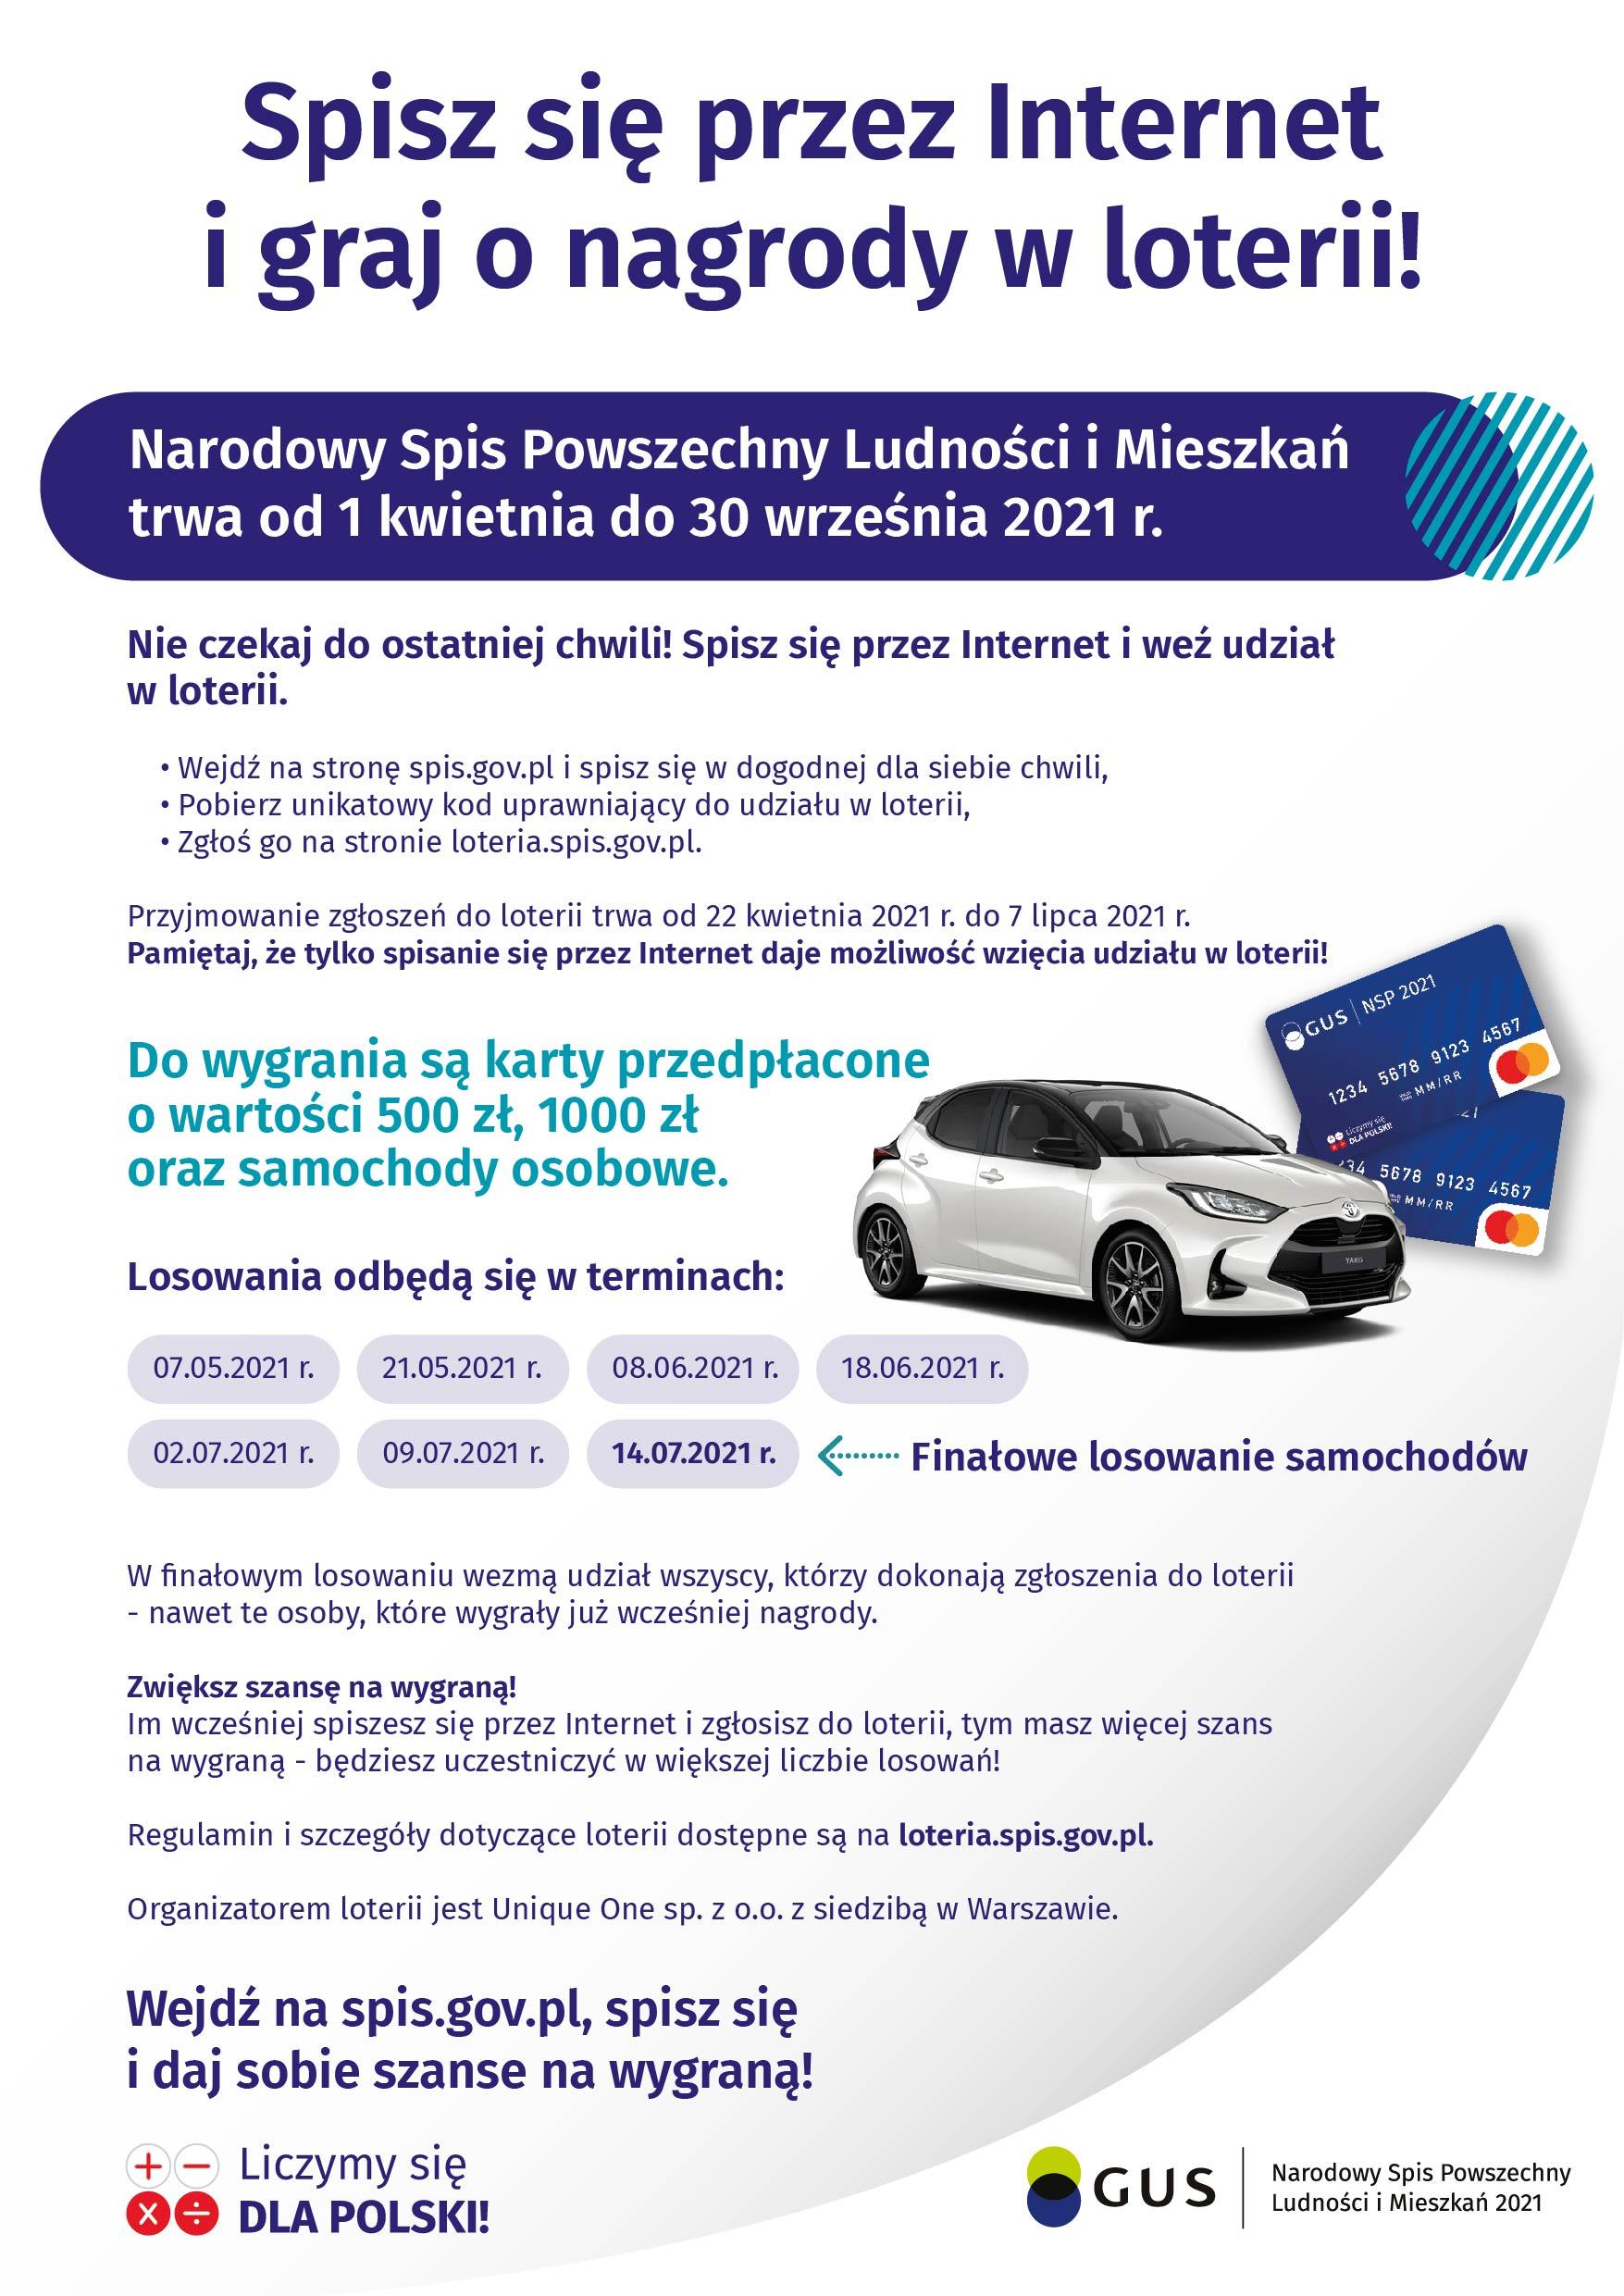 Plakat Loterii NSP 2021.jpg (472 KB)